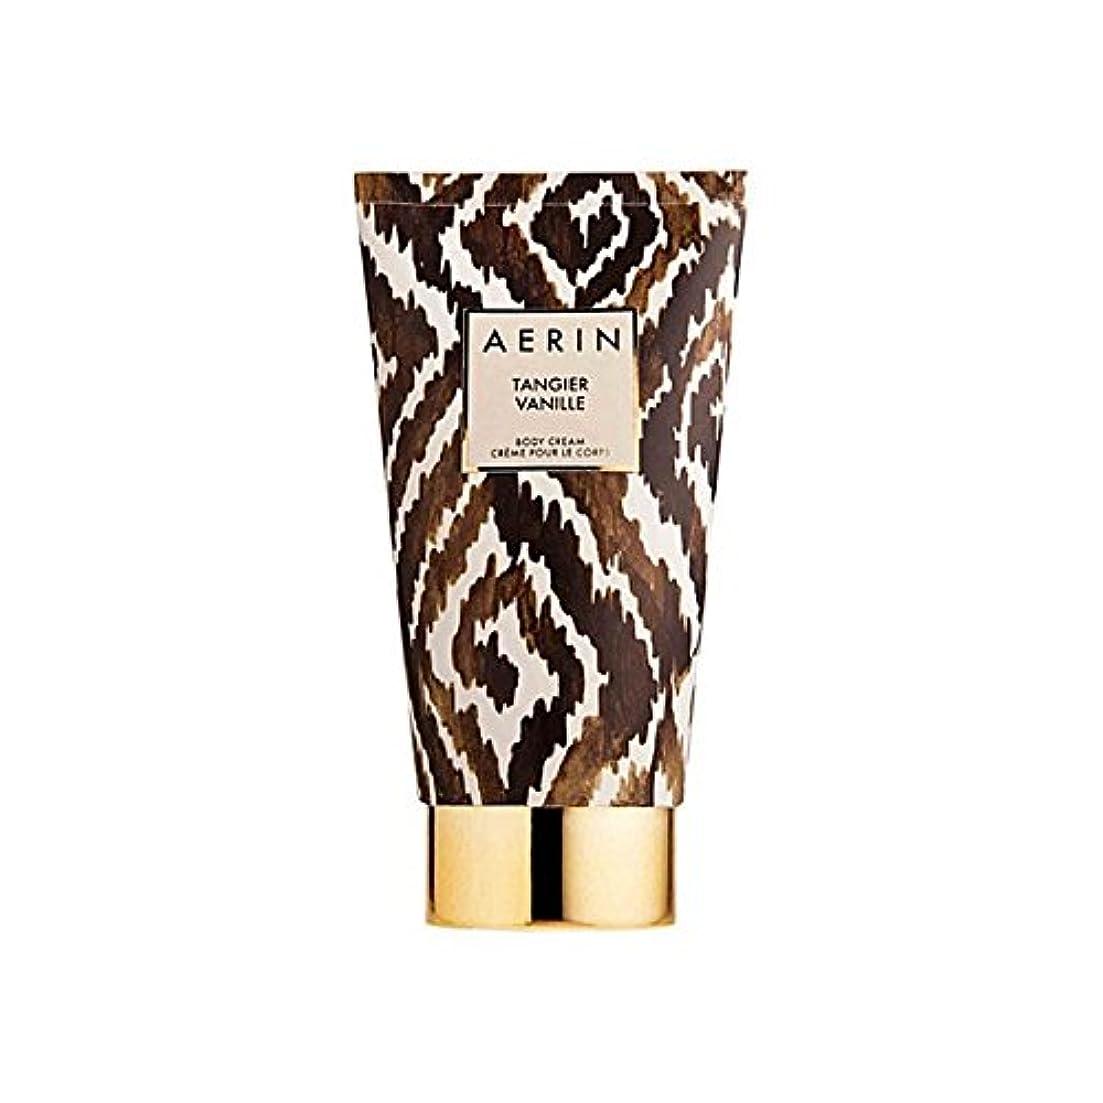 増幅ボルト退却タンジールヴァニラボディクリーム x4 - Aerin Tangier Vanille Body Cream (Pack of 4) [並行輸入品]